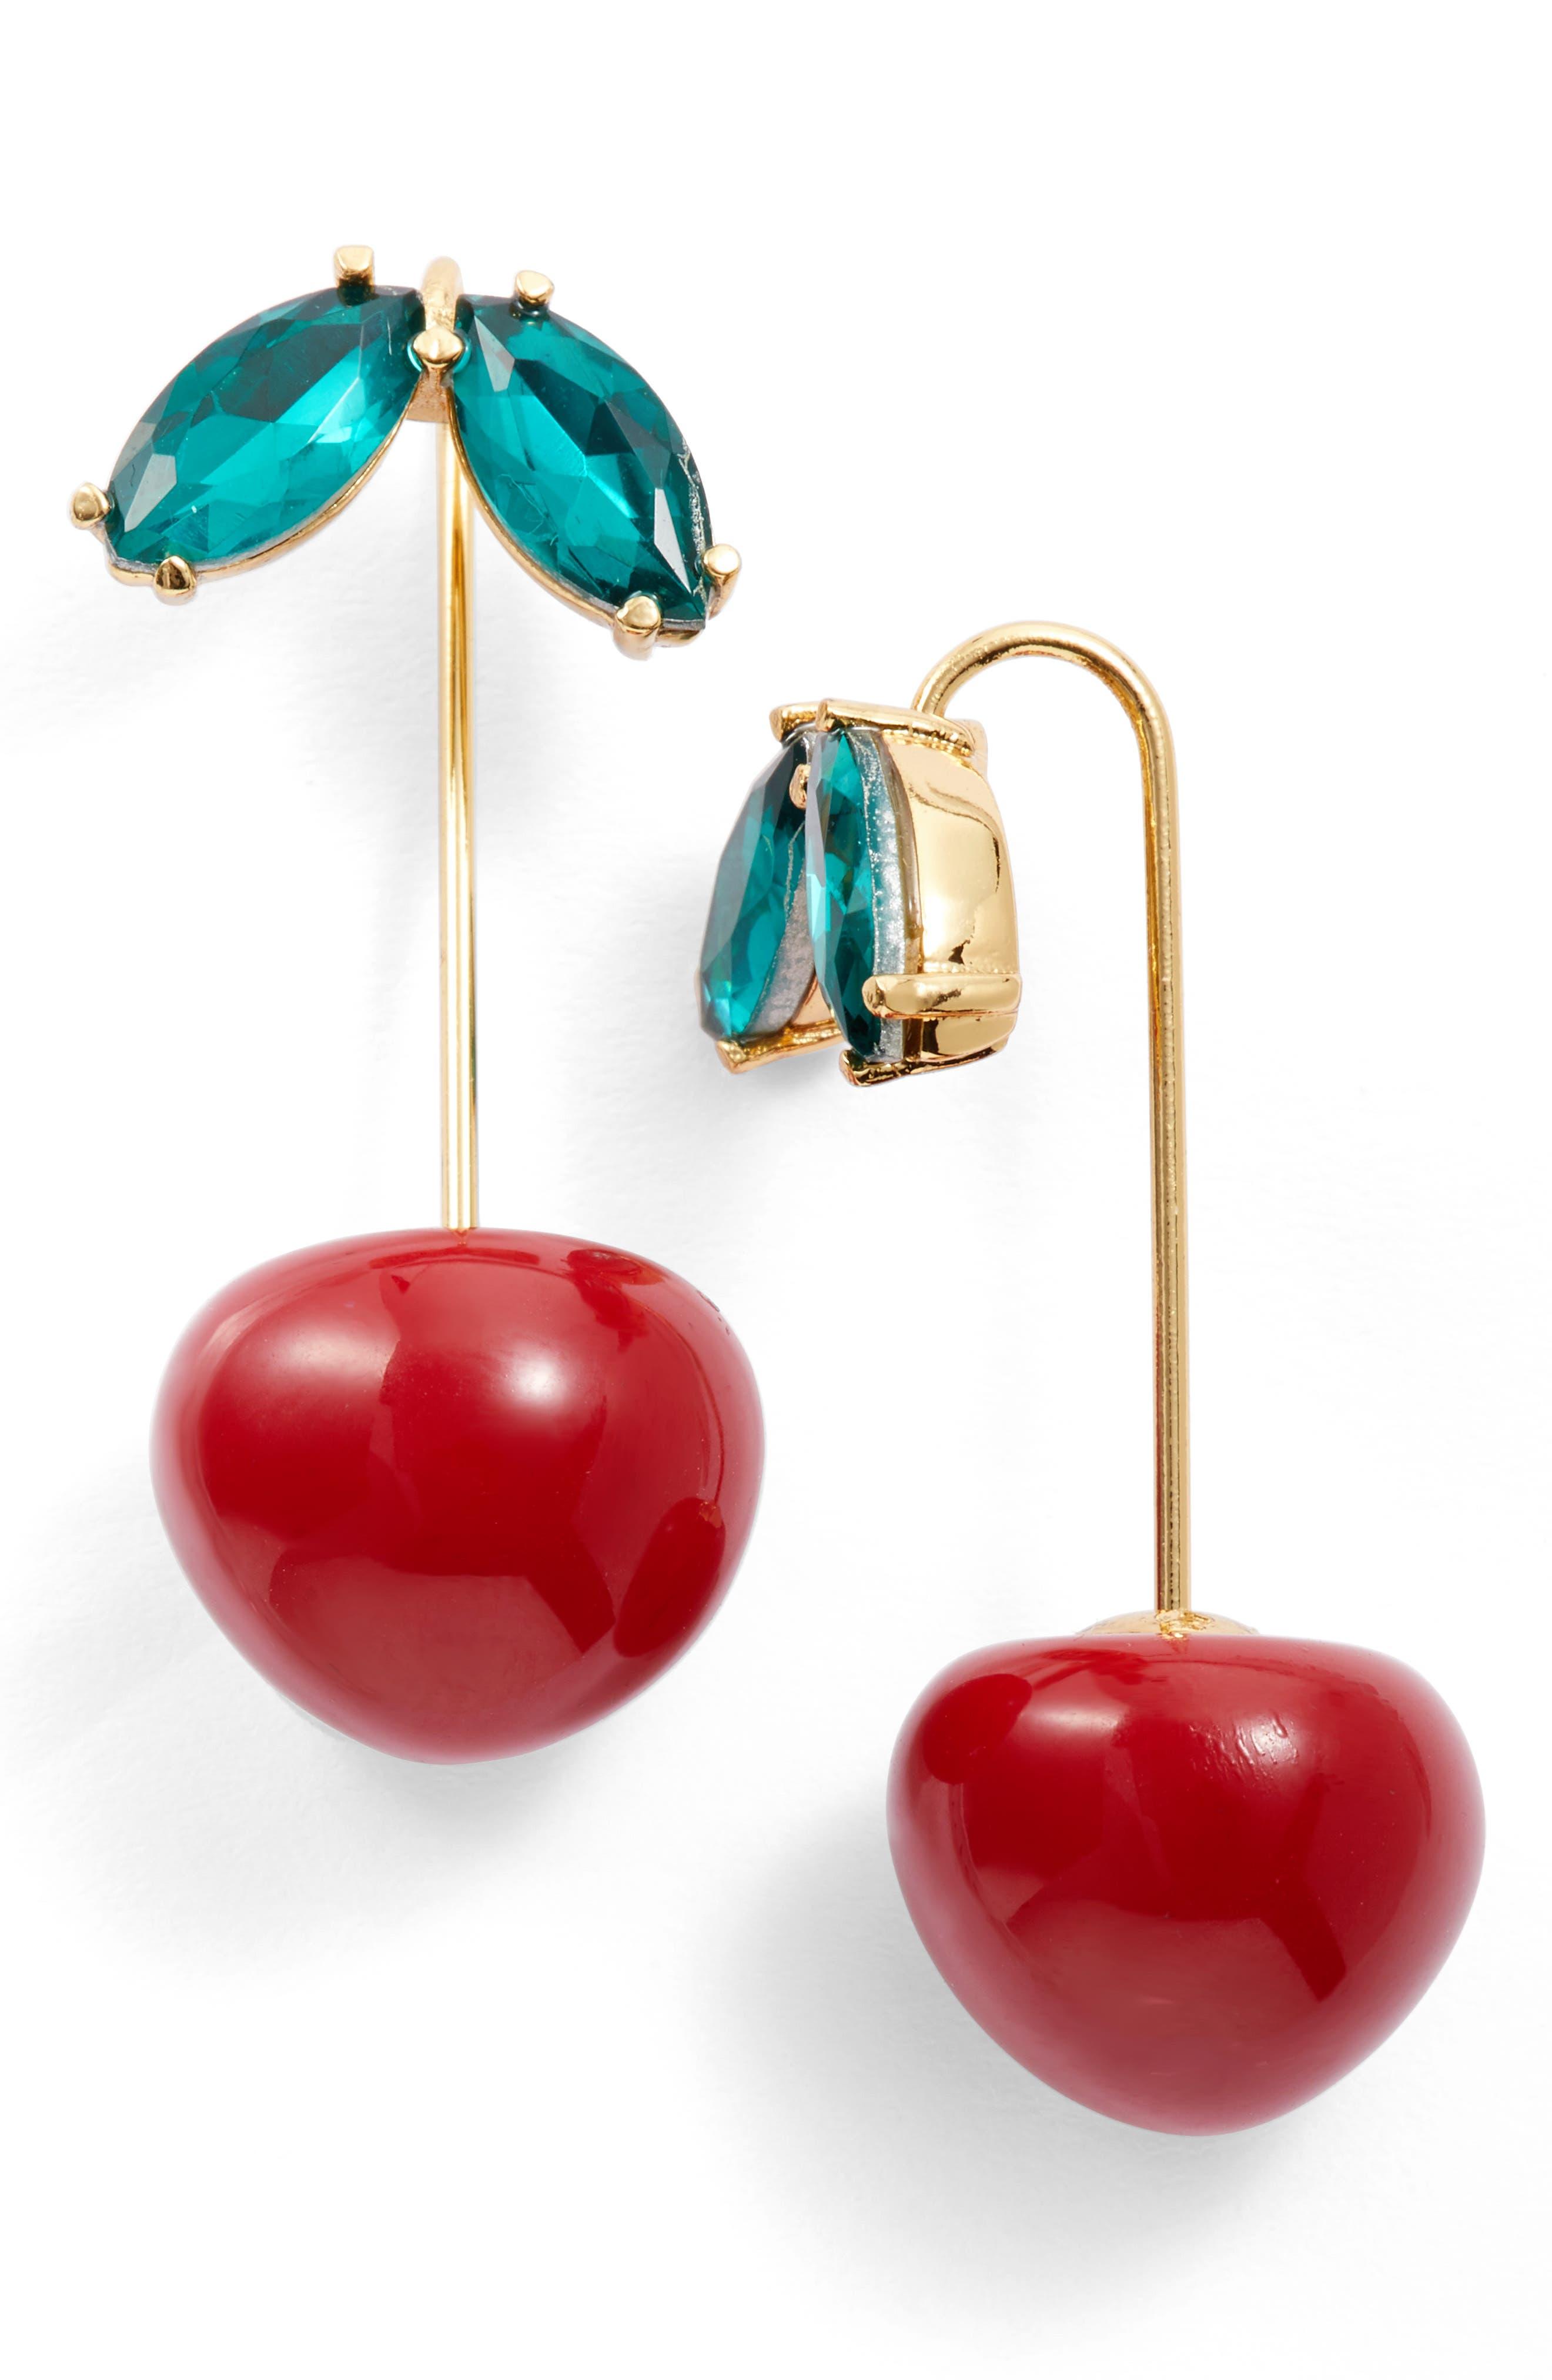 kate spade new york ma cherie cherry threader earrings